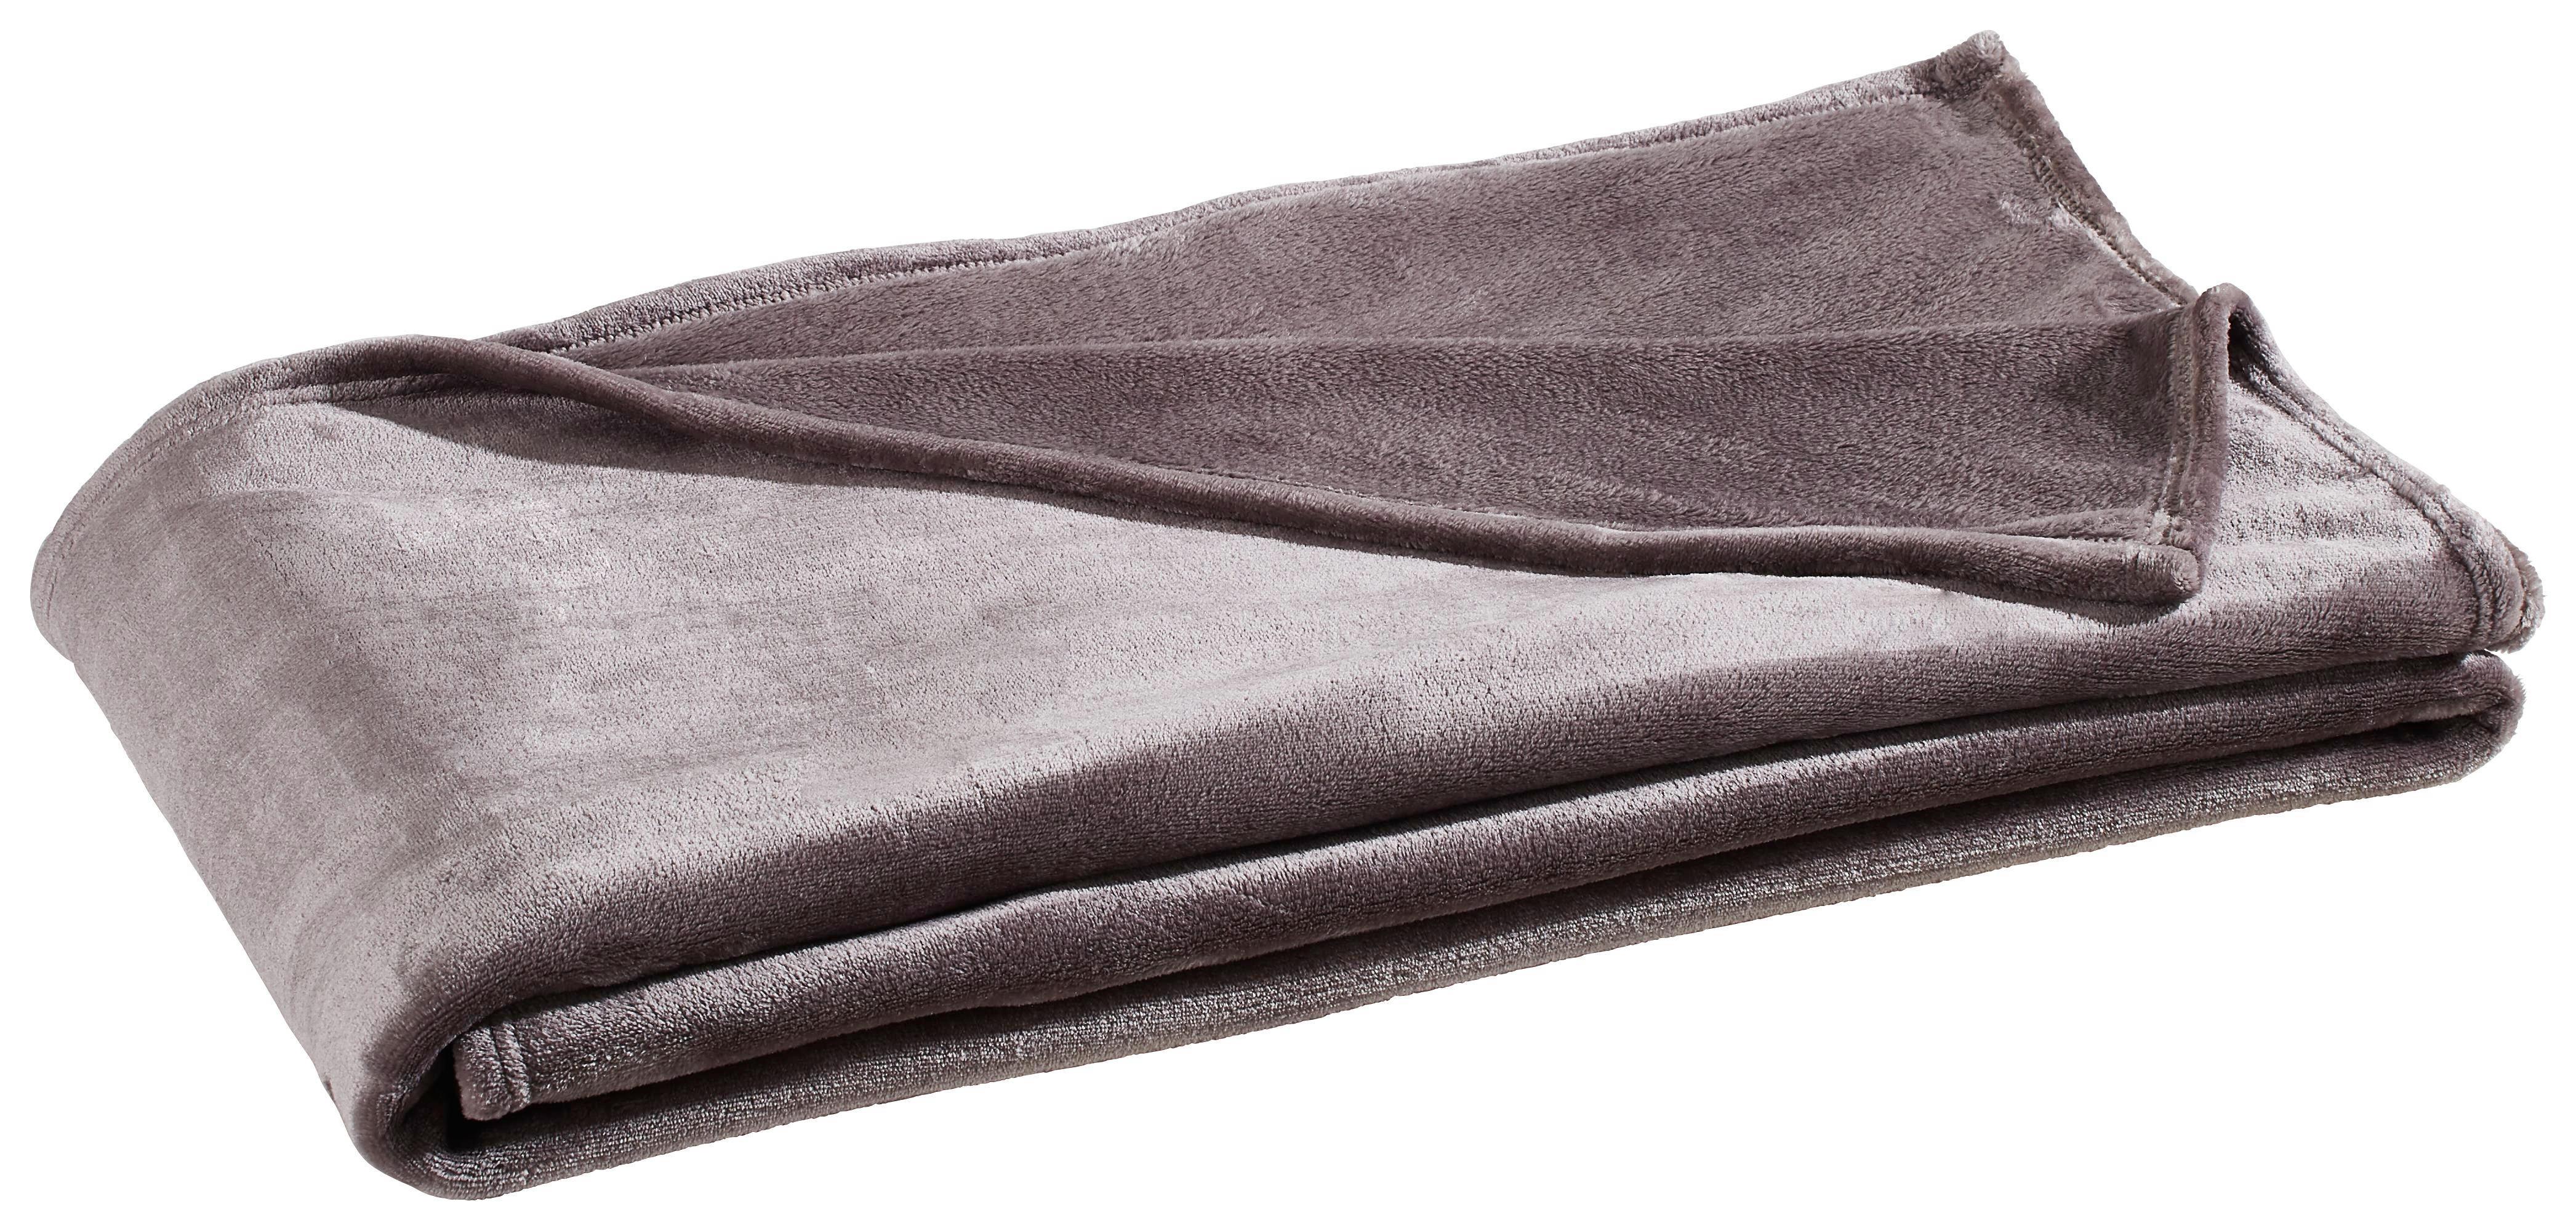 Fleece-Decke 140x200 cm rot Wärmedecke Kuscheldecke Flausch-Decke Heimdecke